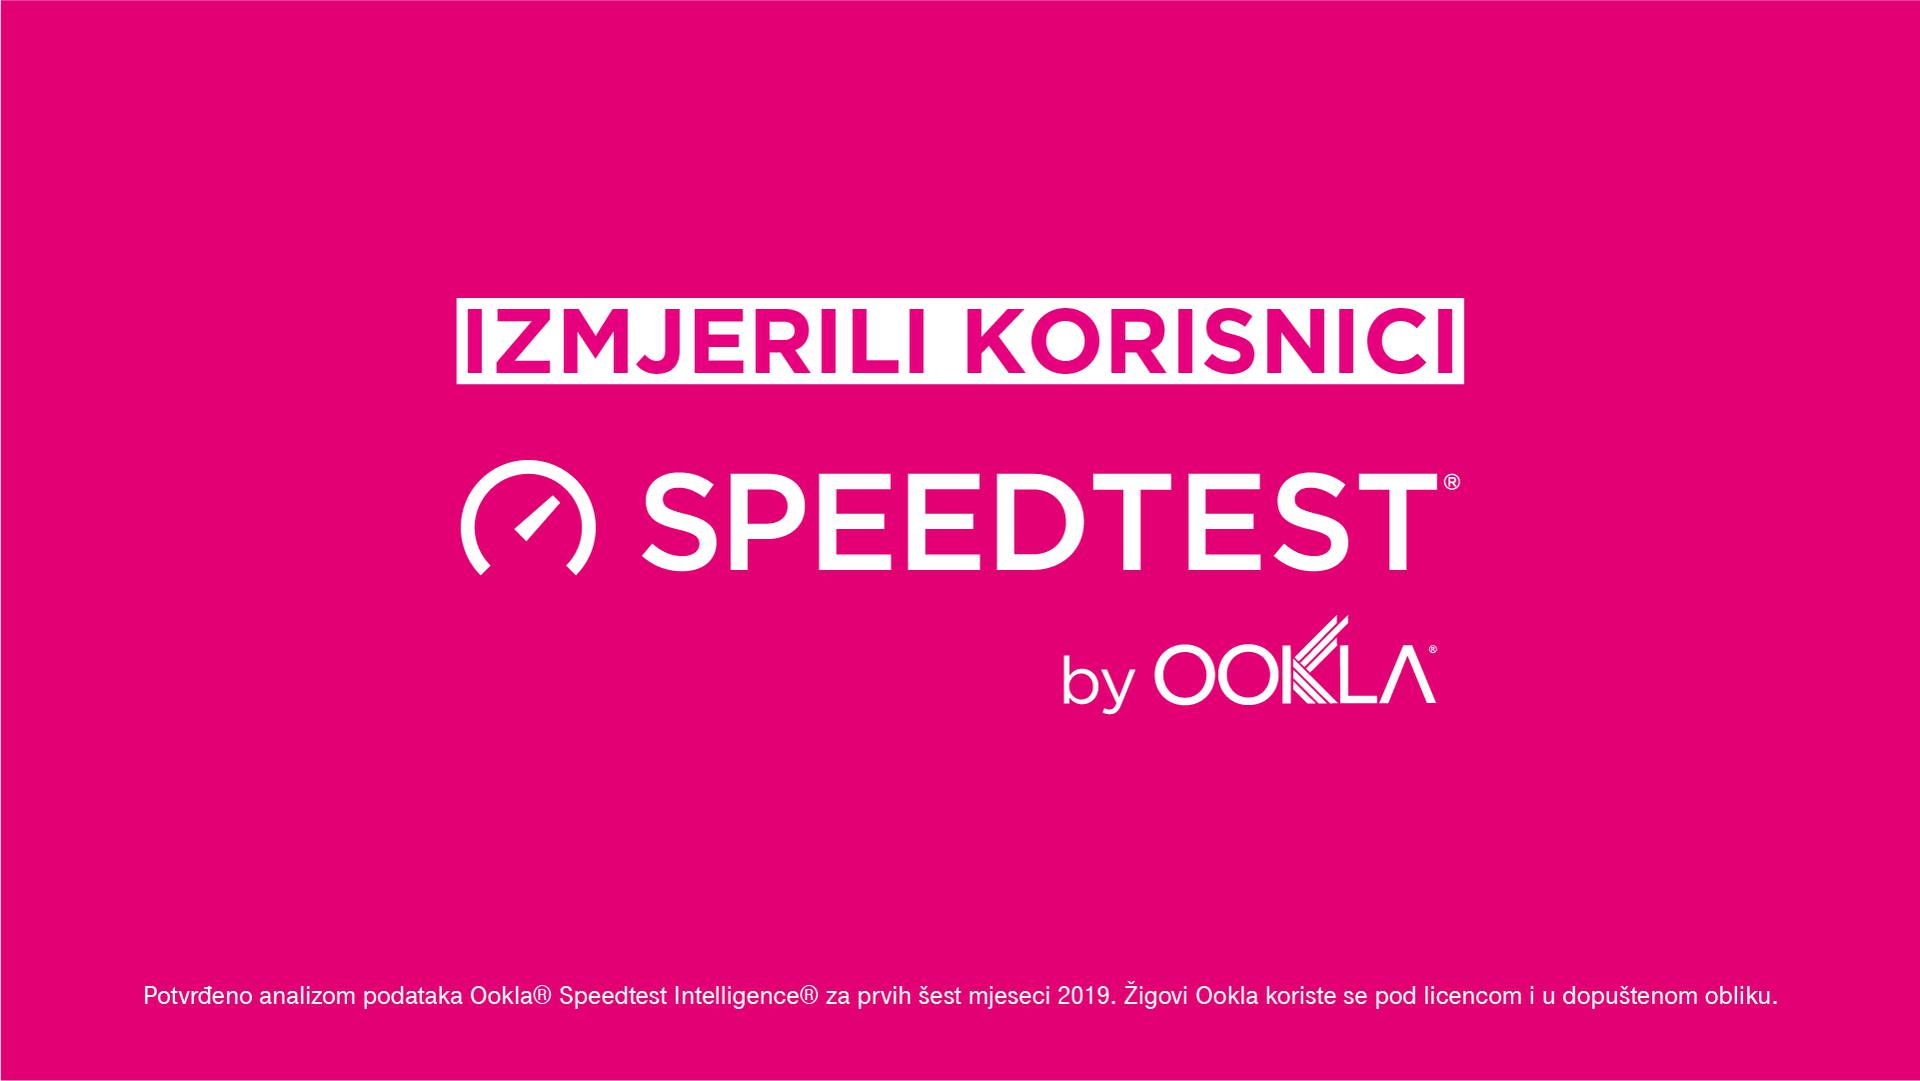 Hrvatski Telekom ima najbržu mobilnu mrežu i pokrivenost